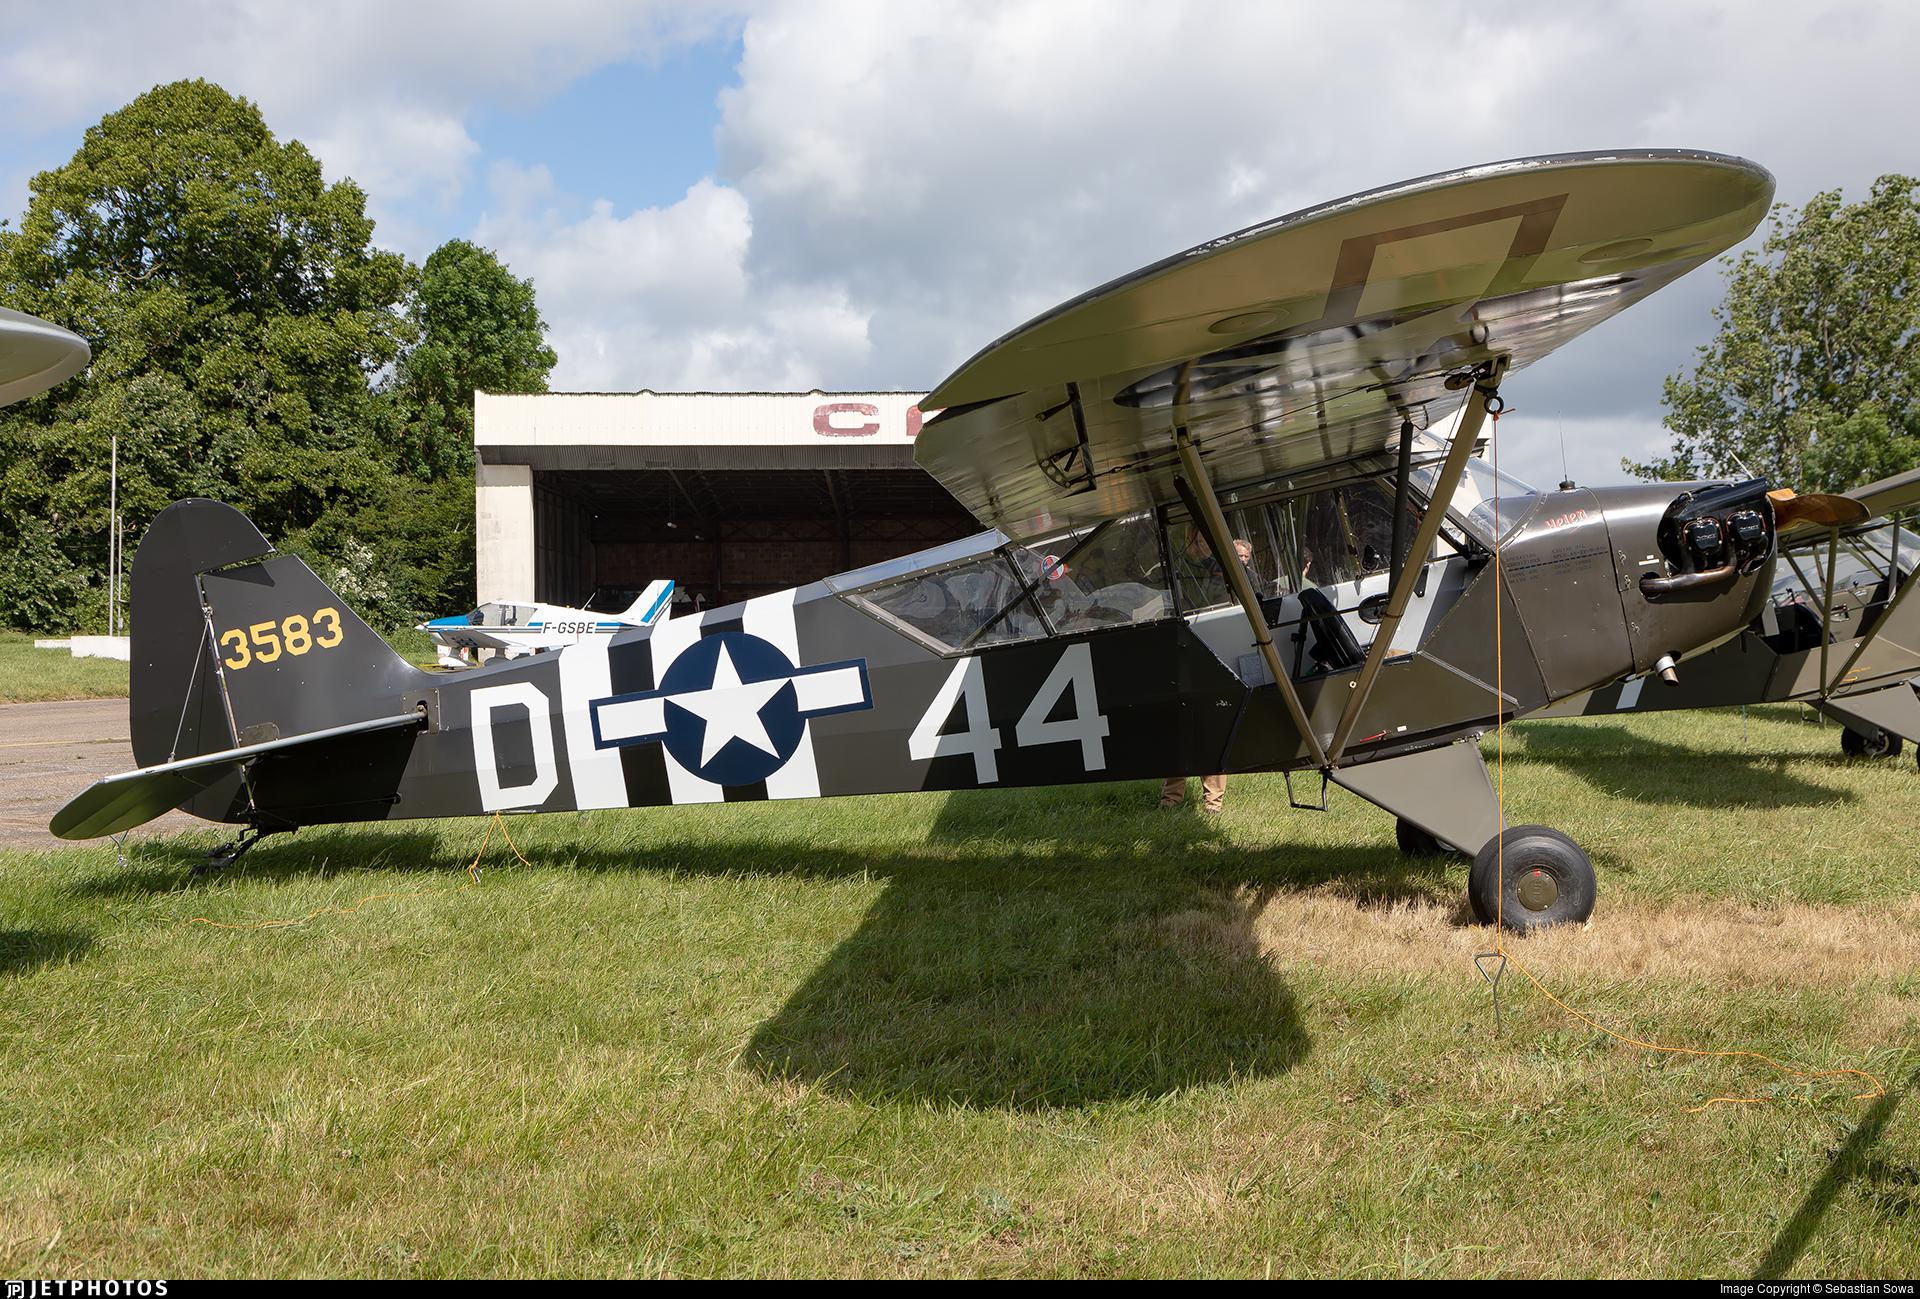 G-FINT - Piper L-4B Grasshopper - Private